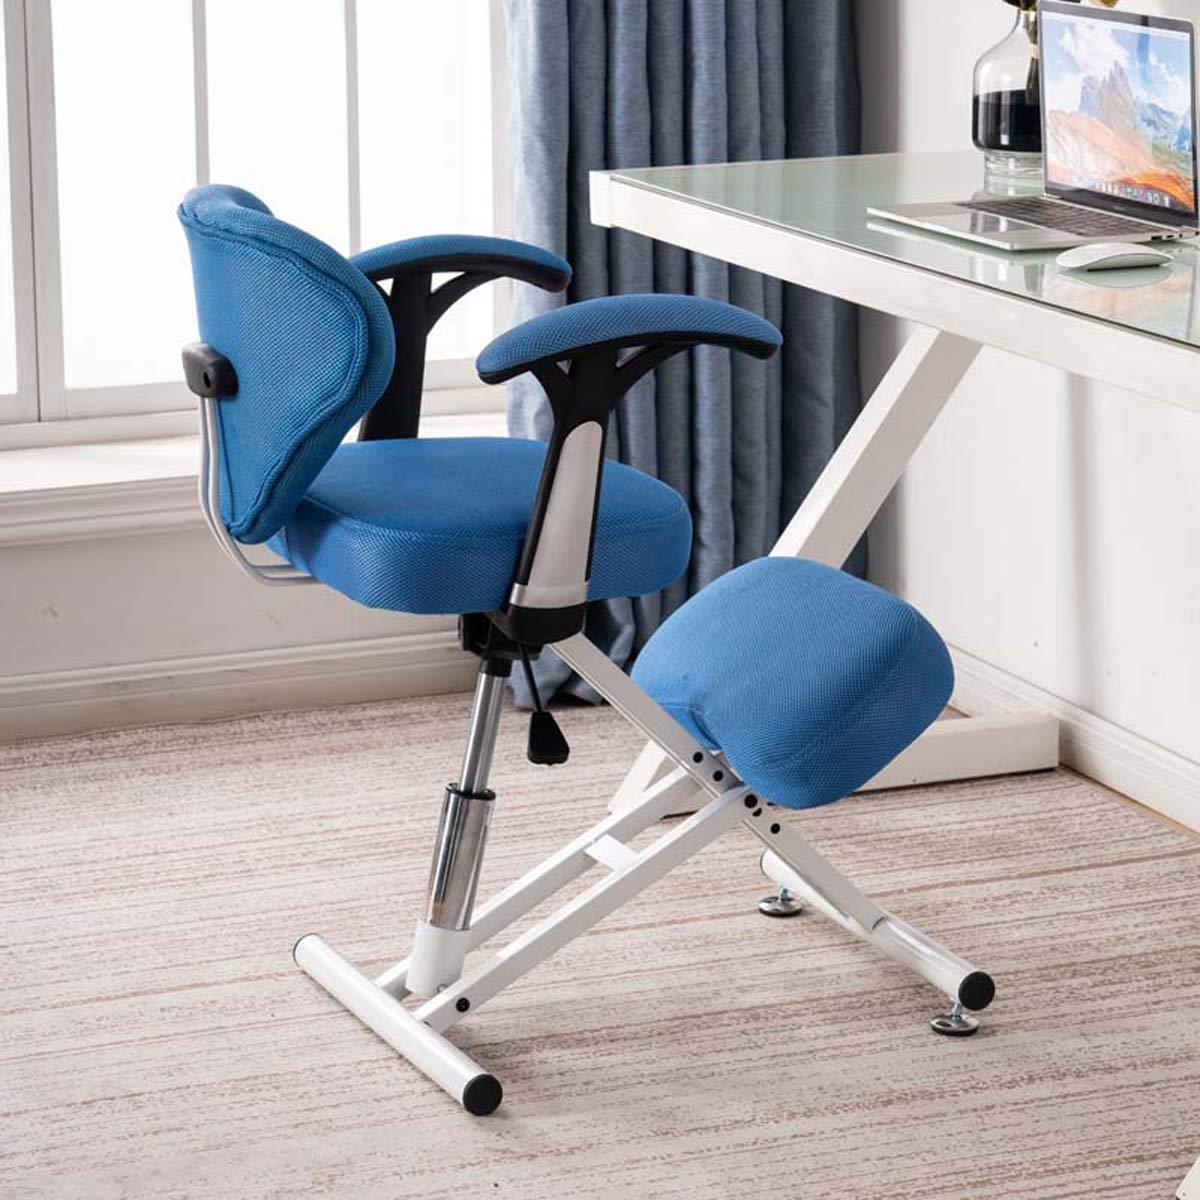 AYUSHOP Bekväm knästol ergonomisk knästol med ryggstöd, ergonomisk stol designad för att lindra ryggsmärta och förbättra hållningen stark och hållbar, grå BLÅ